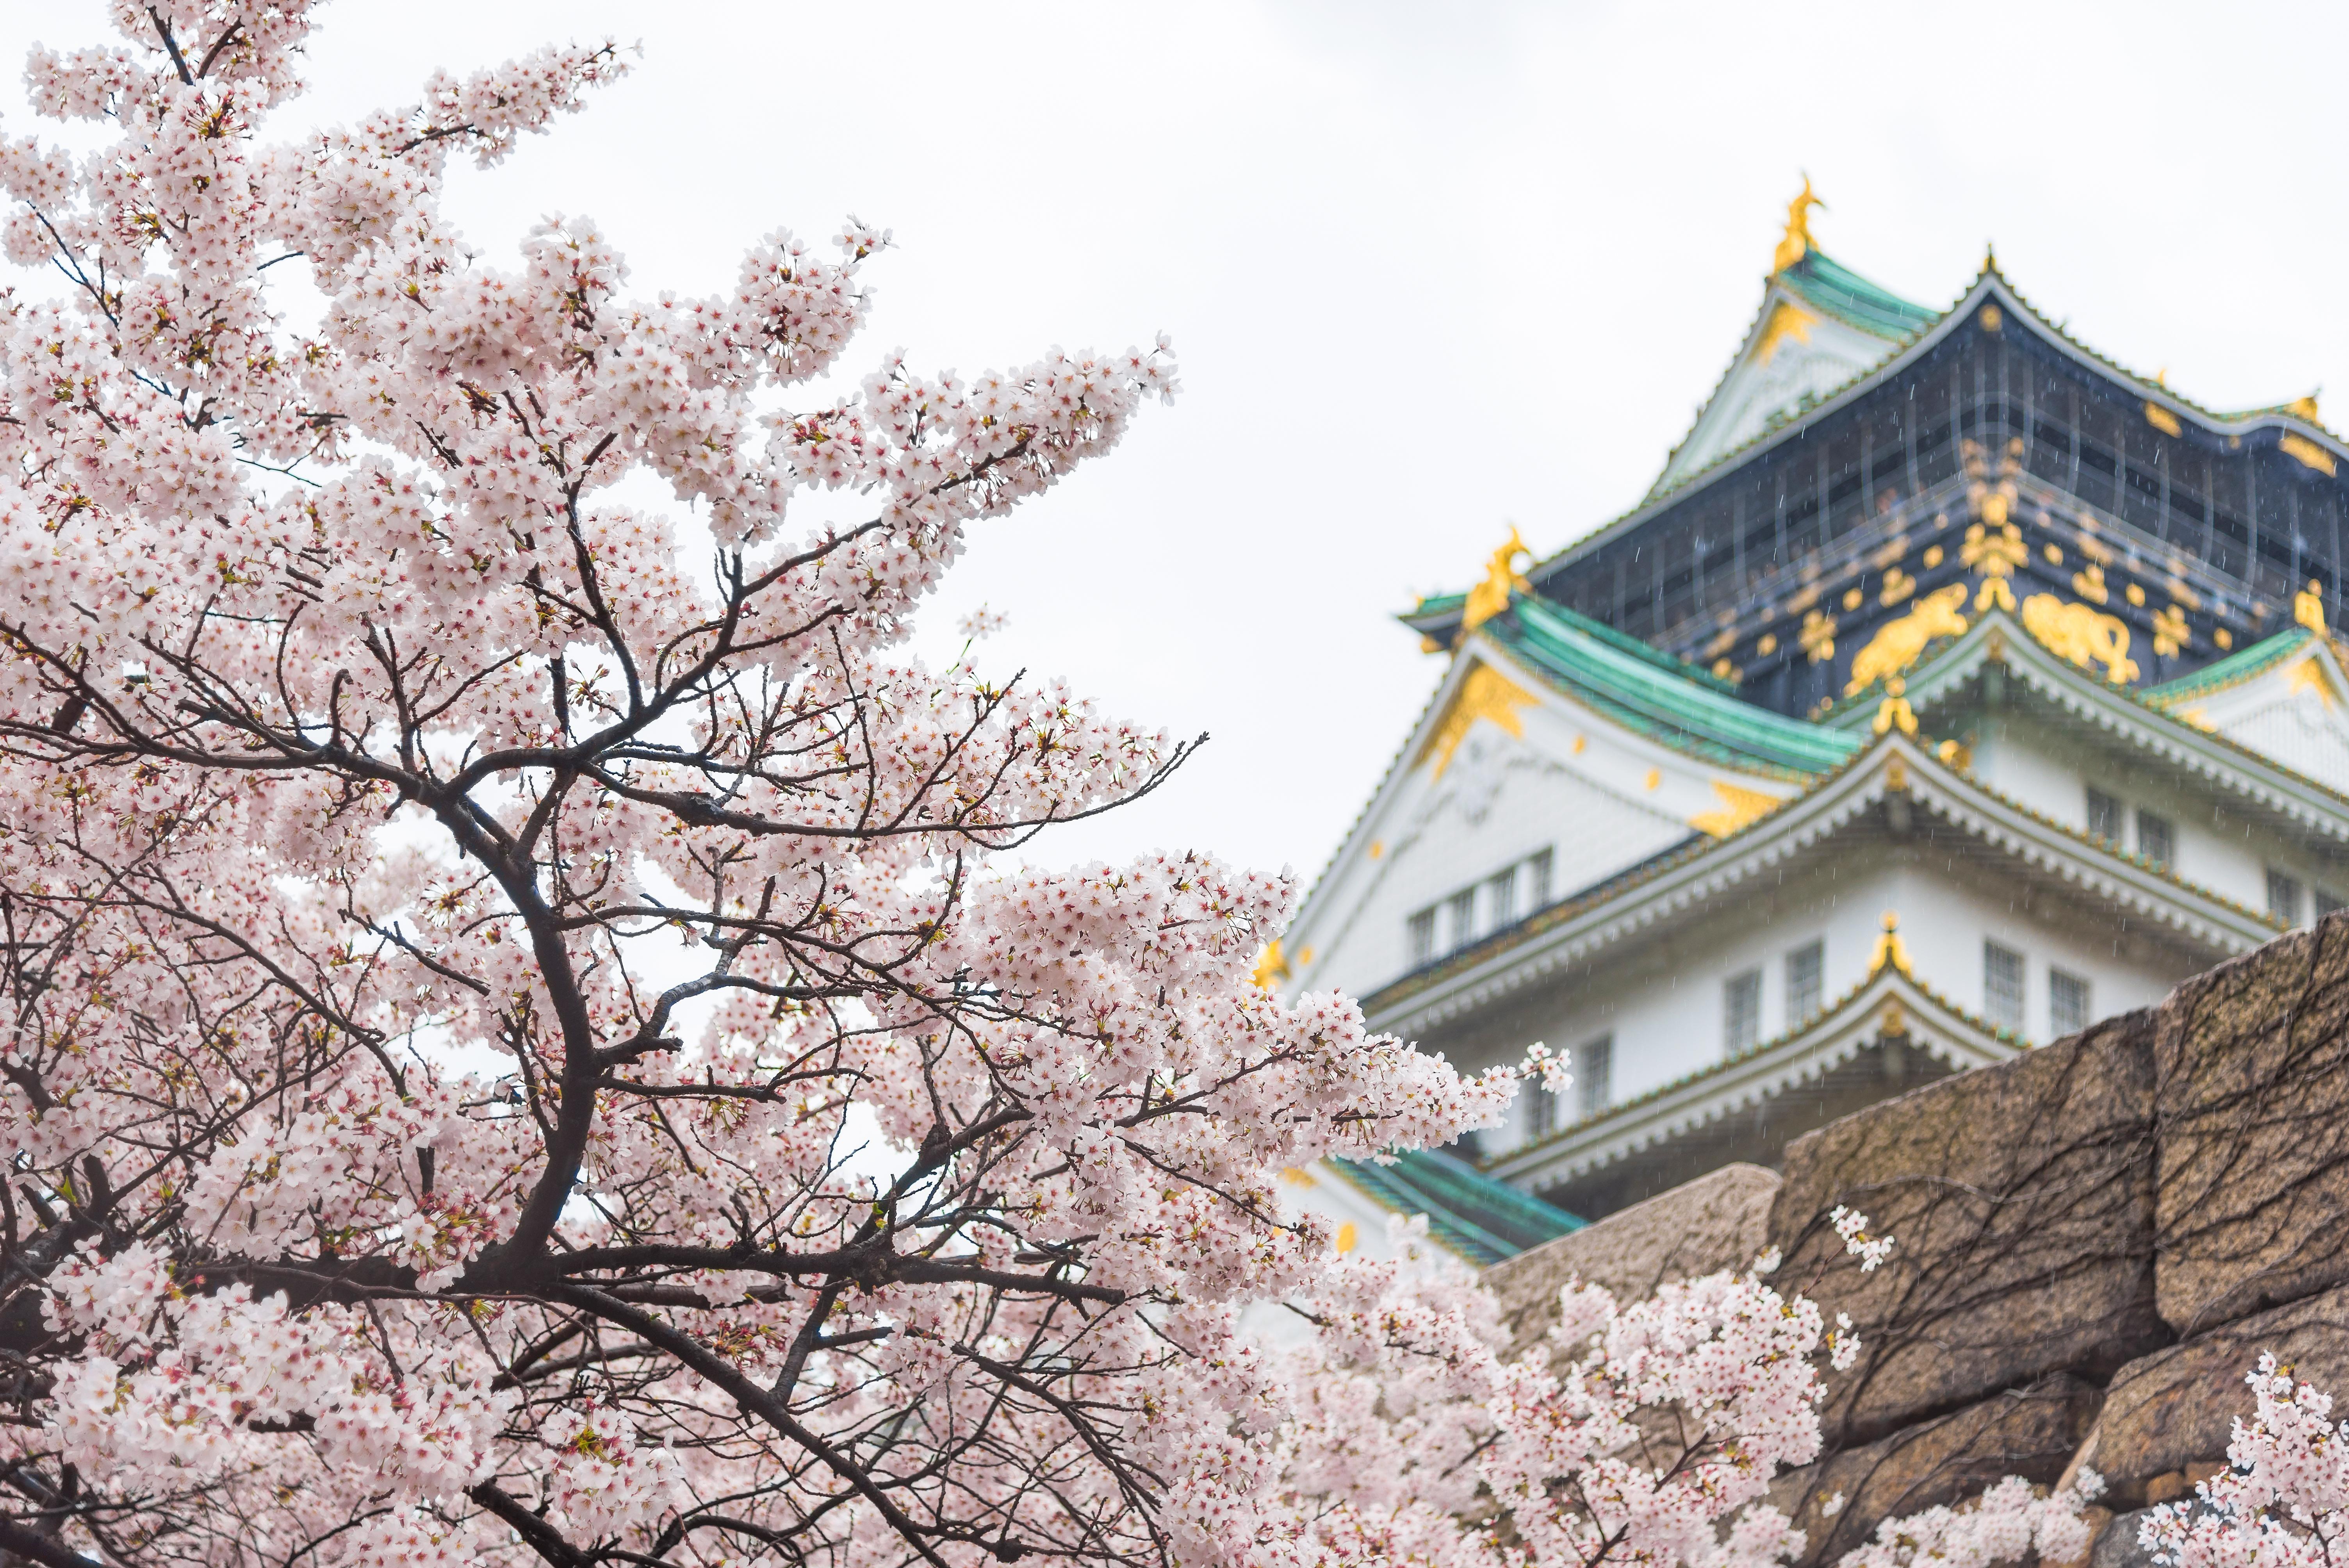 How to Experience Cherry Blossom Season in Osaka